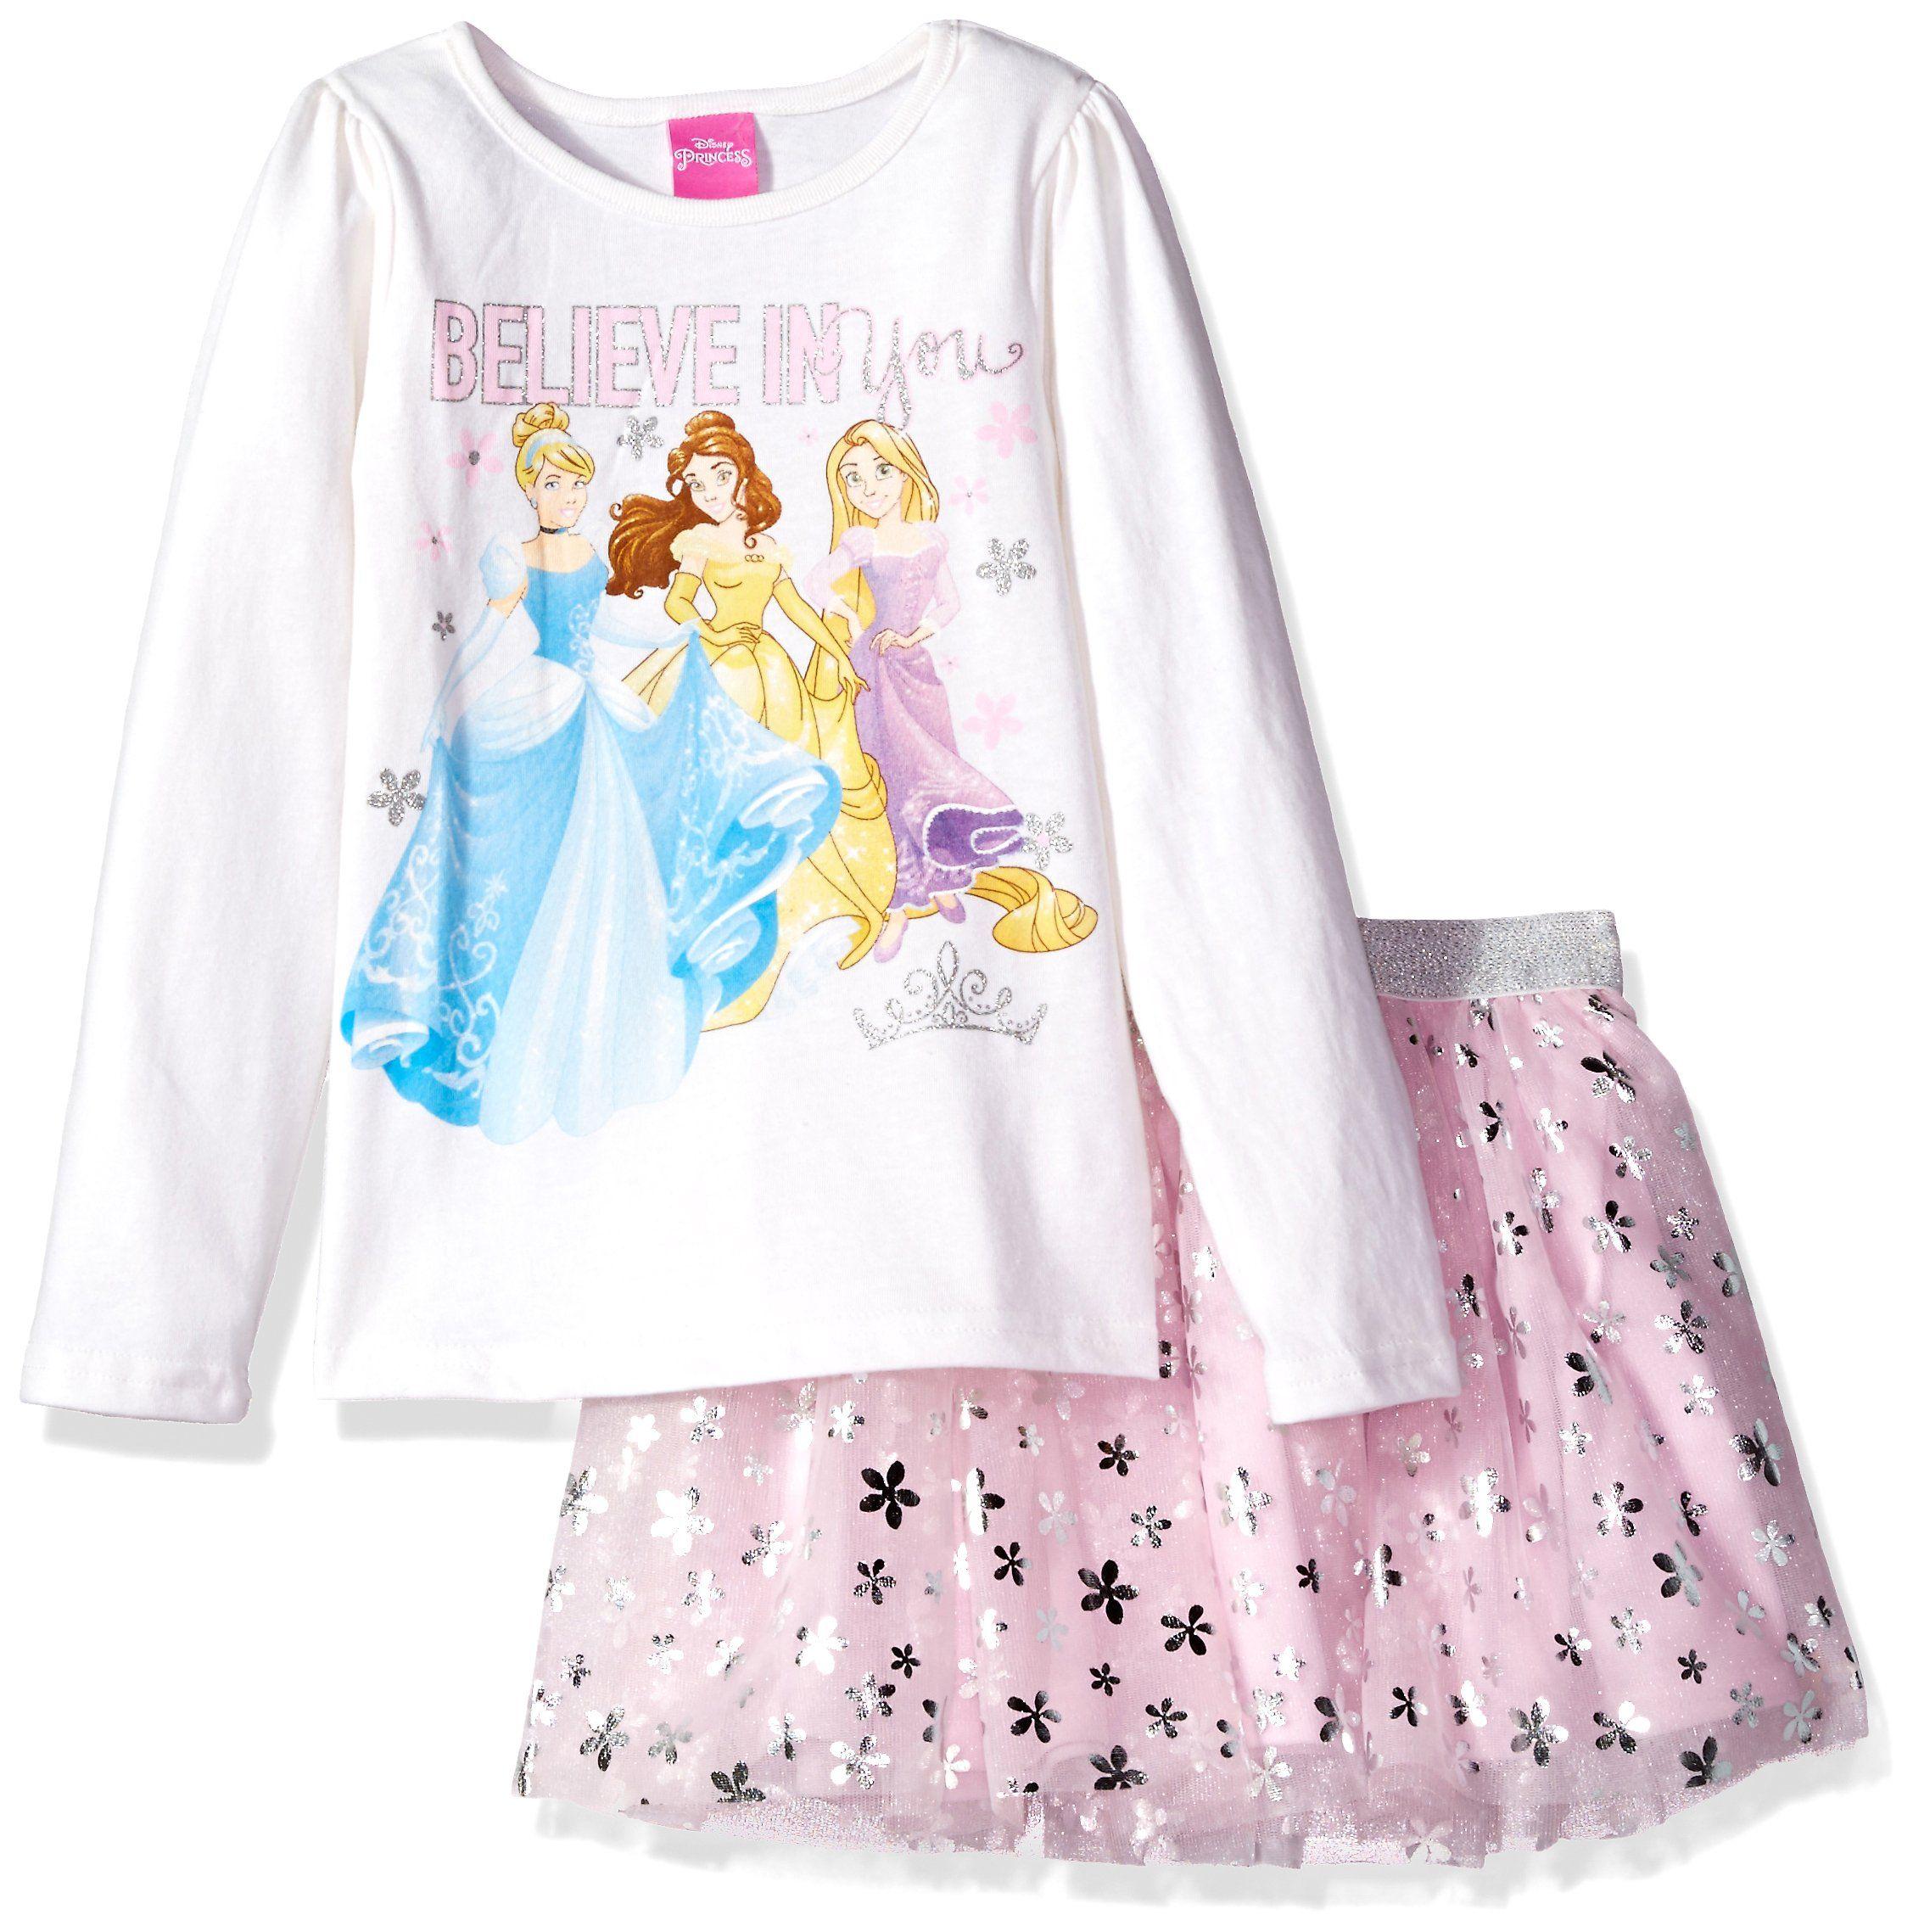 4e2cfe72 Disney Little Girls' Princess Skirt Set, Eggshell, 5. Official Disney  licensed merchandise